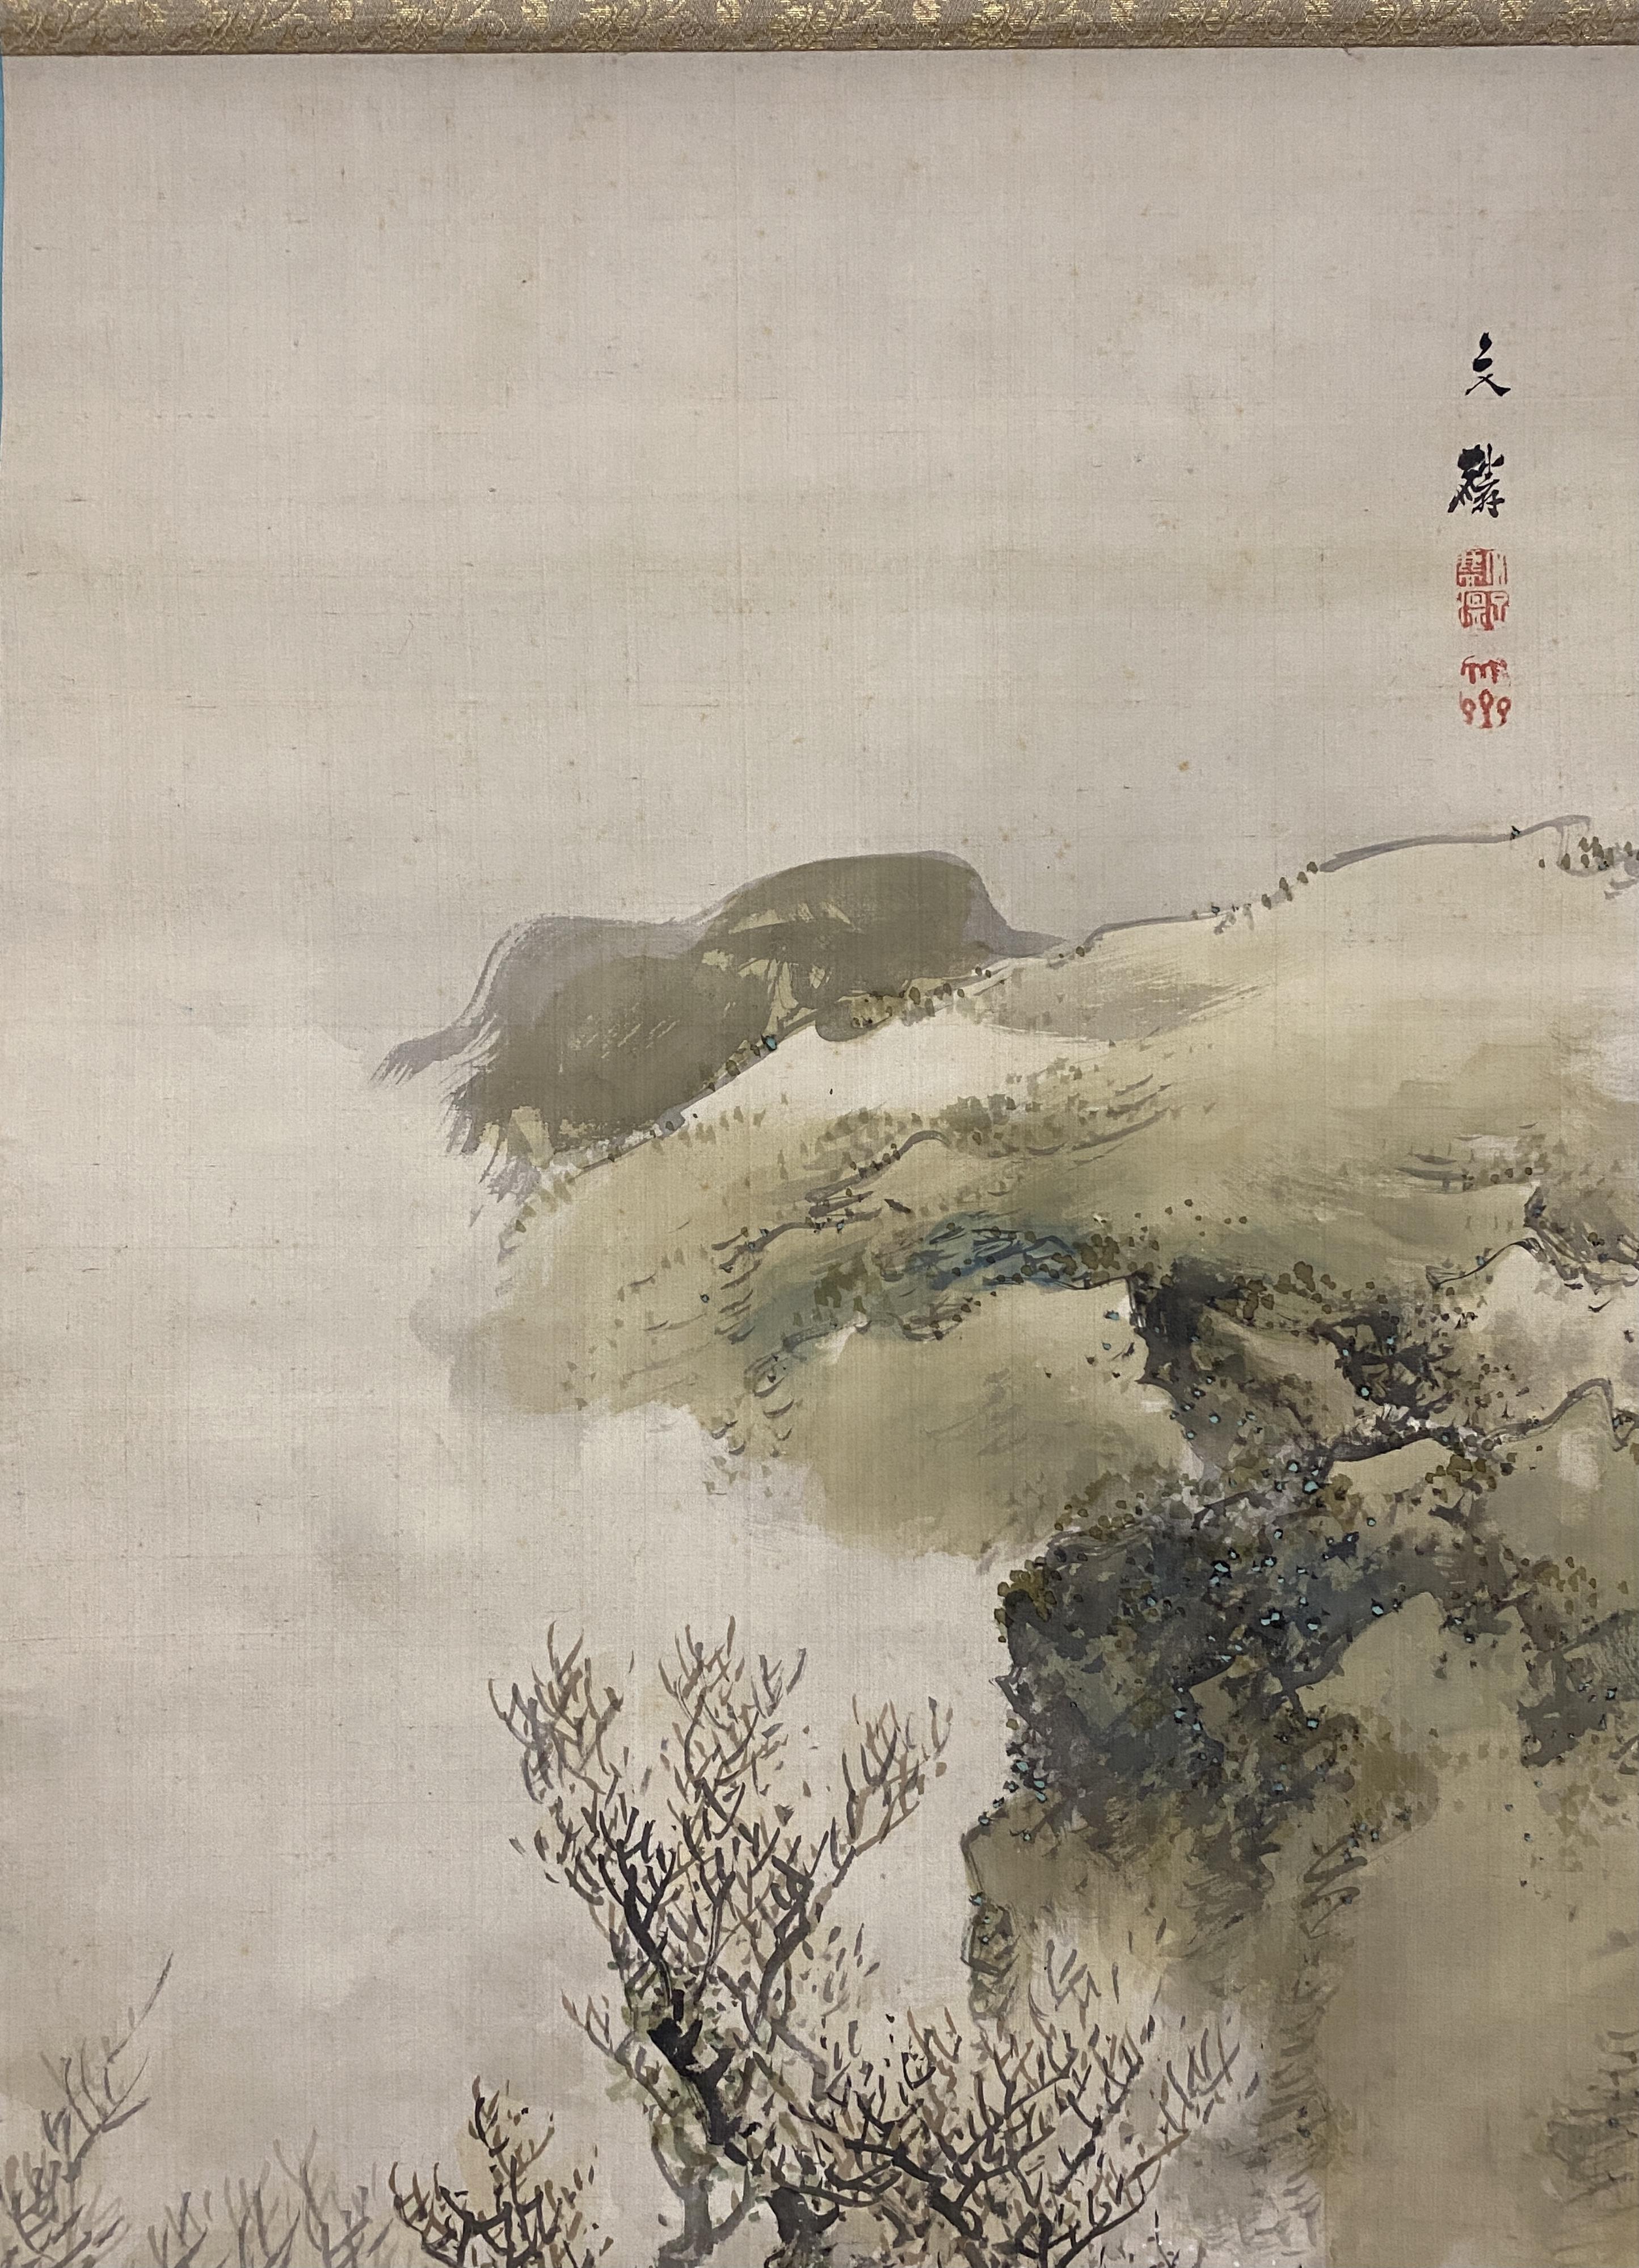 塩川文麟 梅花書屋図